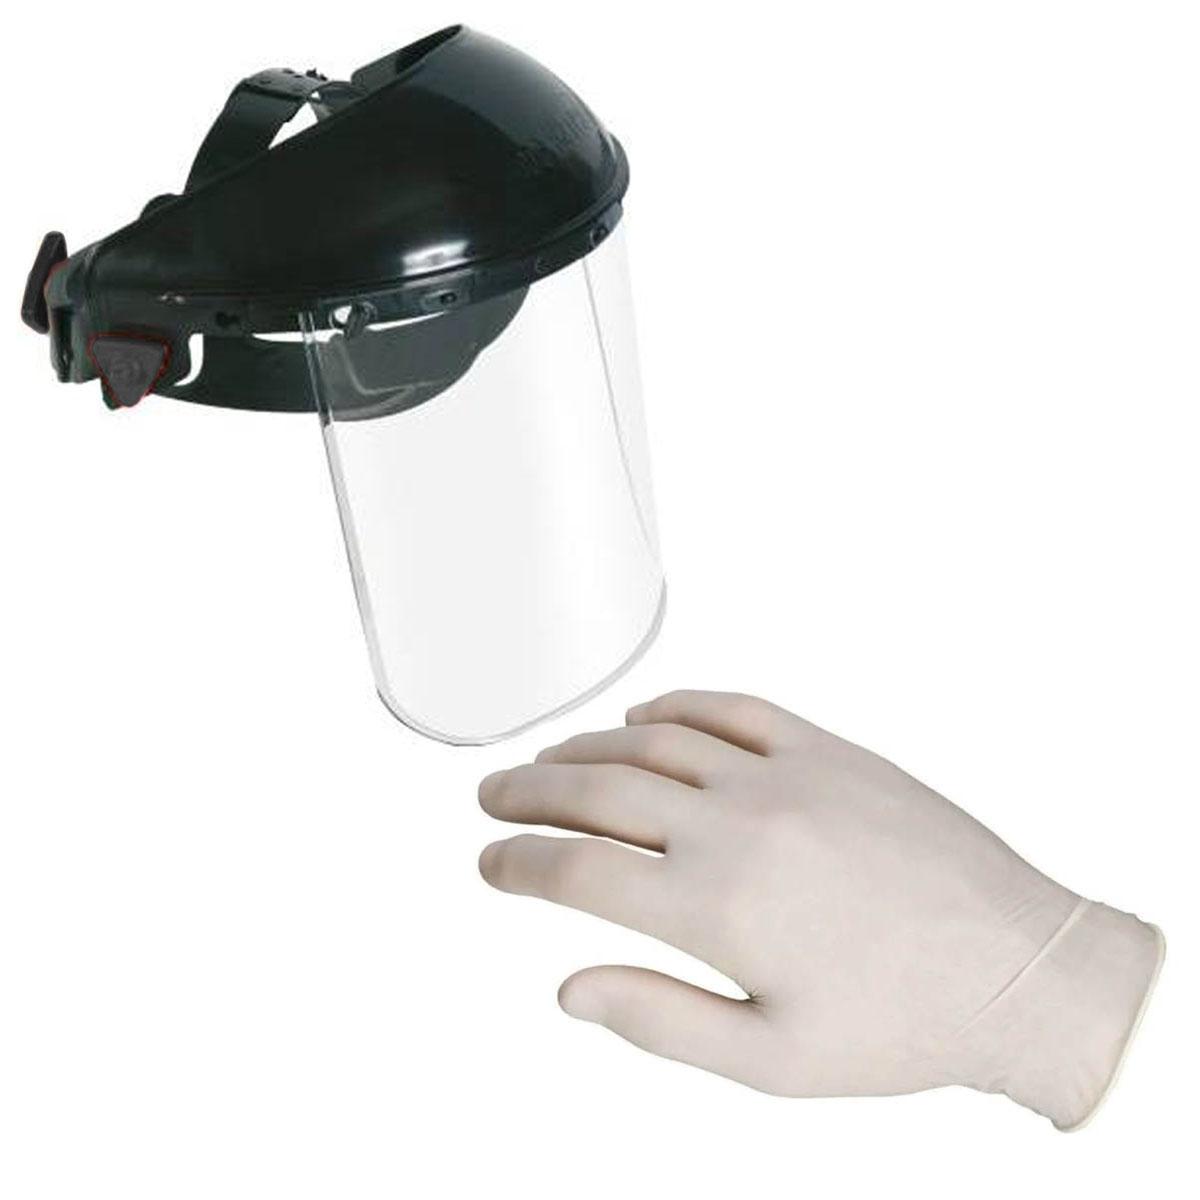 Mascarilla Protector Cubre Cara + Guantes Blanco Latex Virus